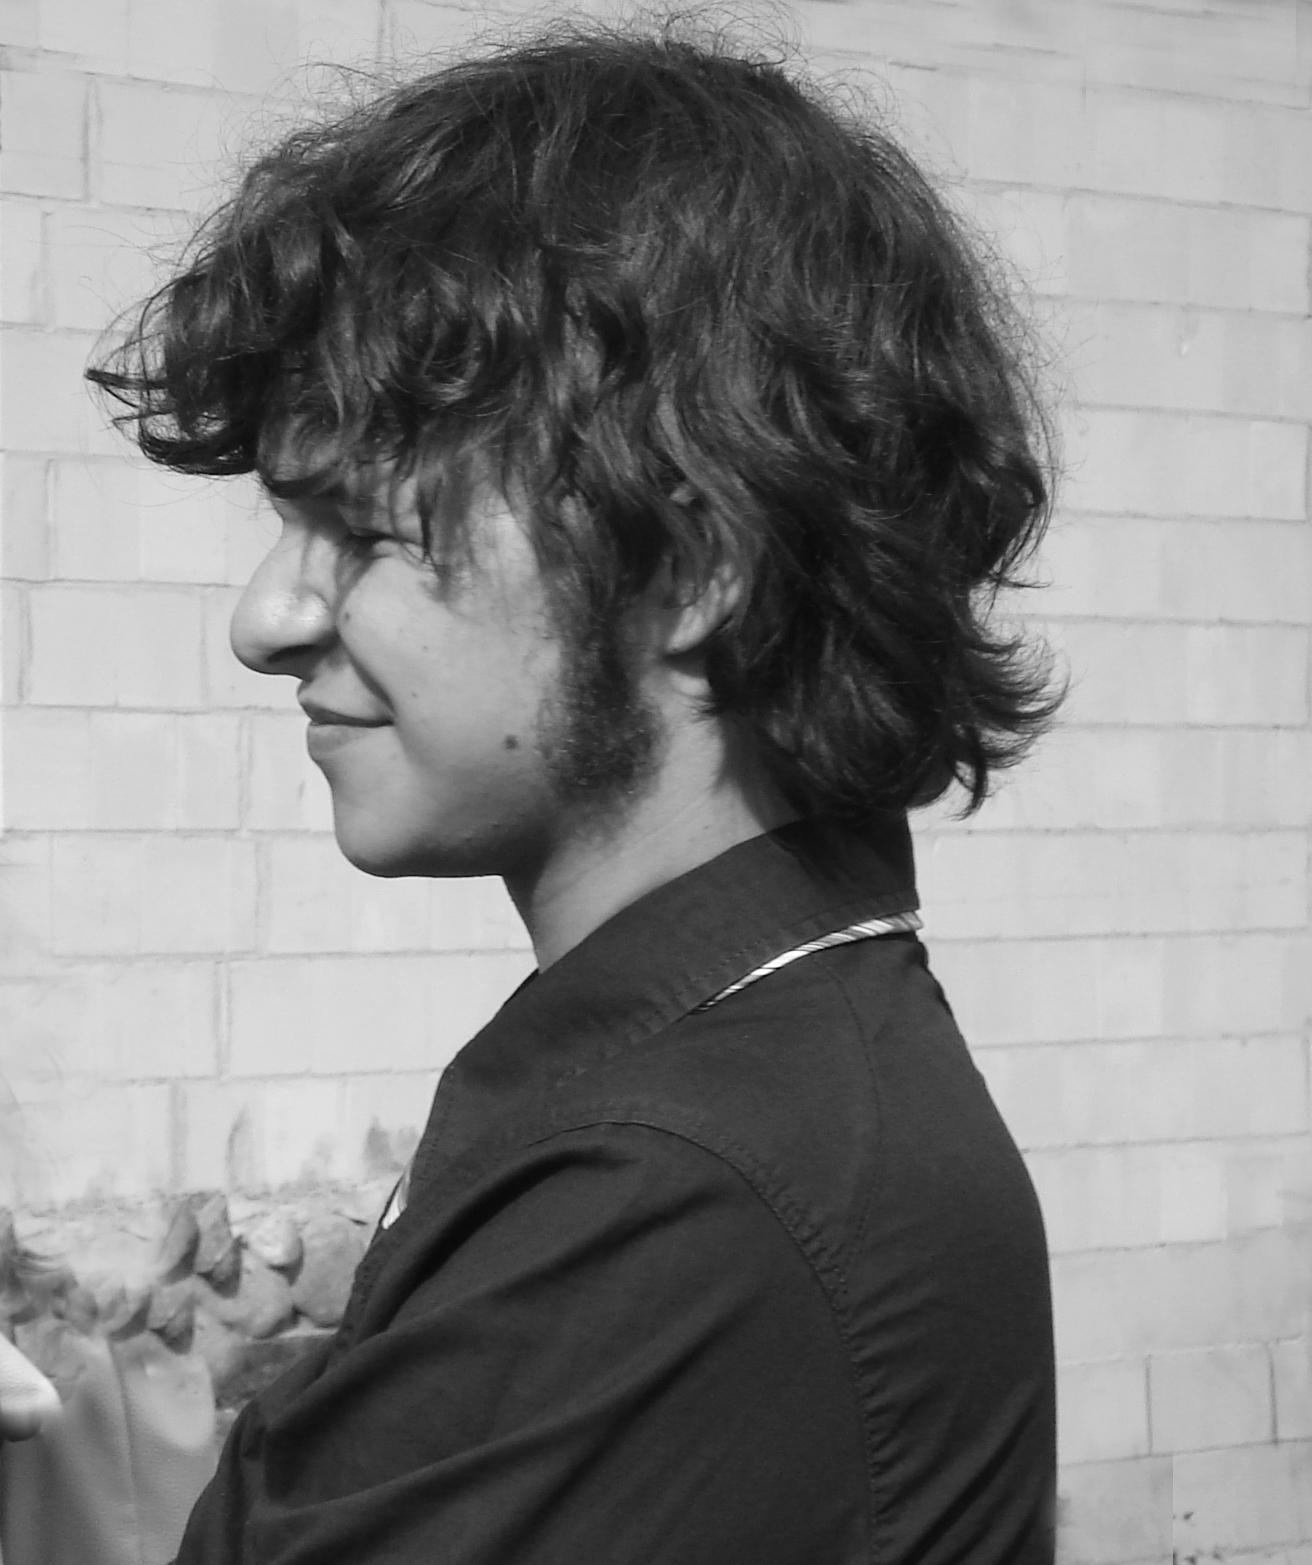 Czarno-białe zdjęcie chłopca profilem.